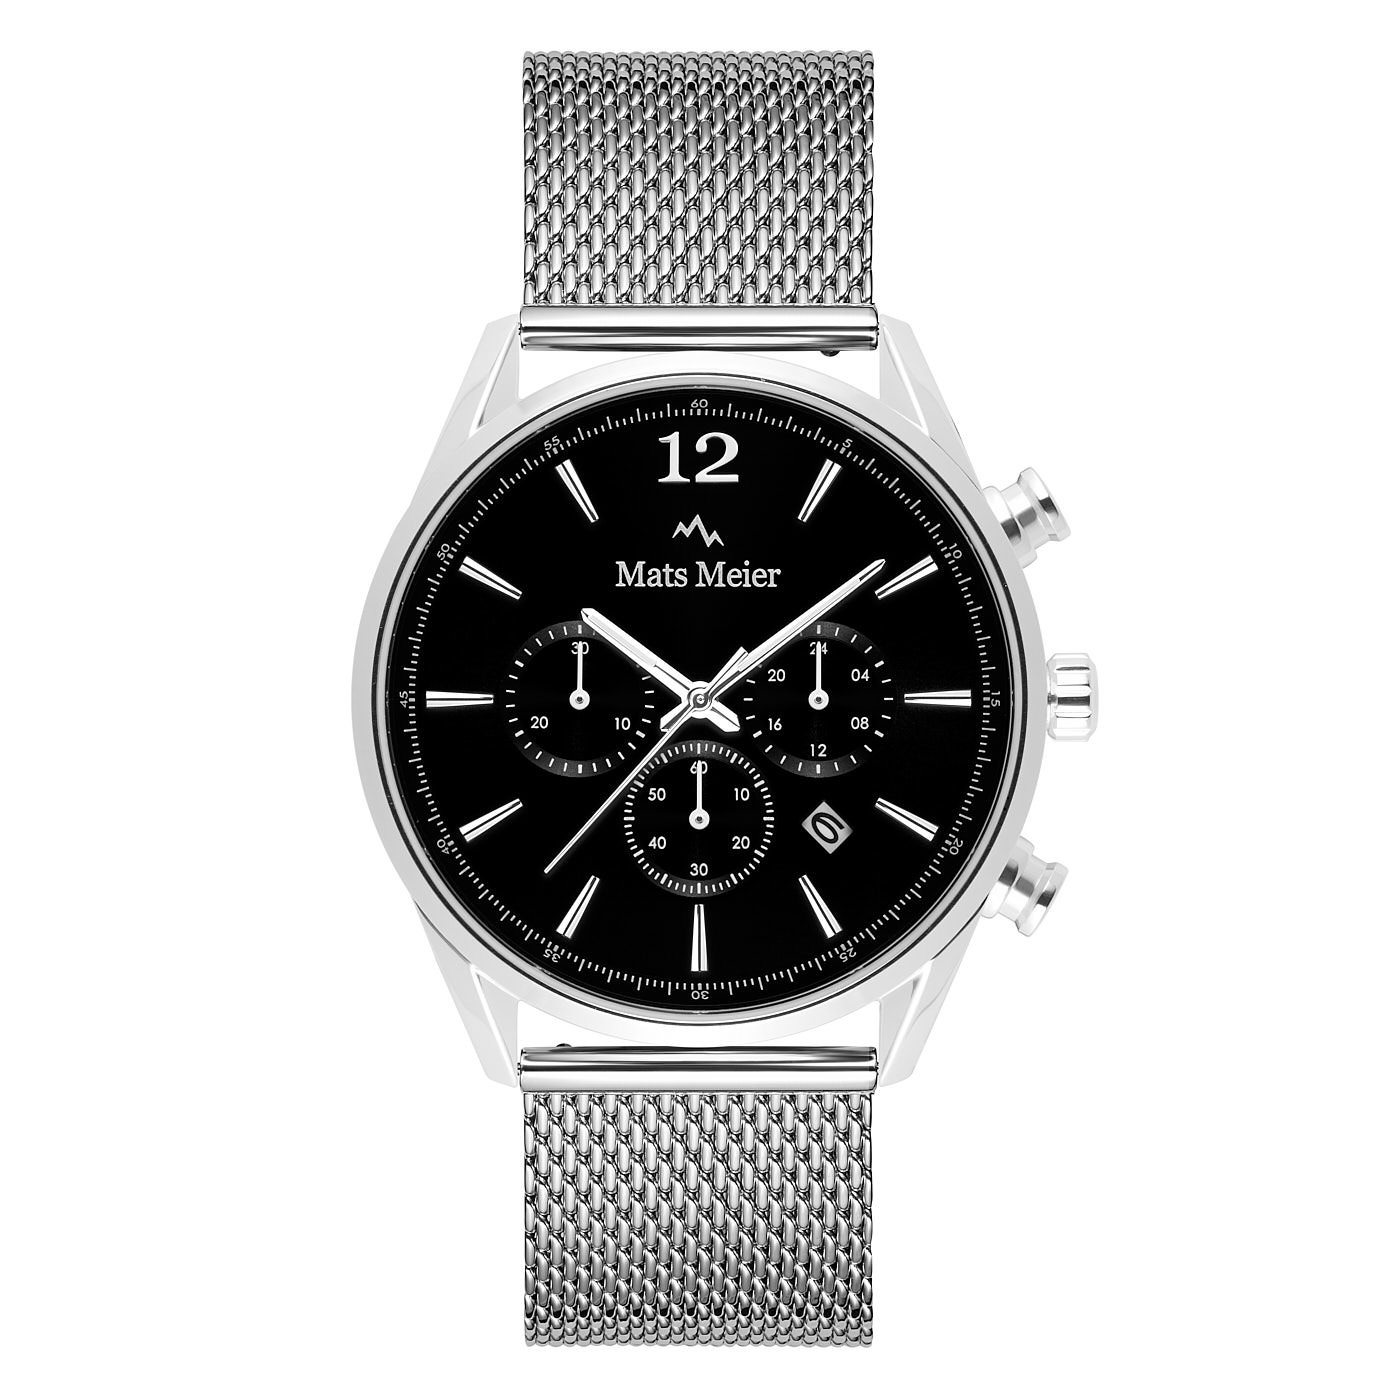 Mats Meier Grand Cornier chronograaf herenhorloge zwart / zilverkleurig mesh